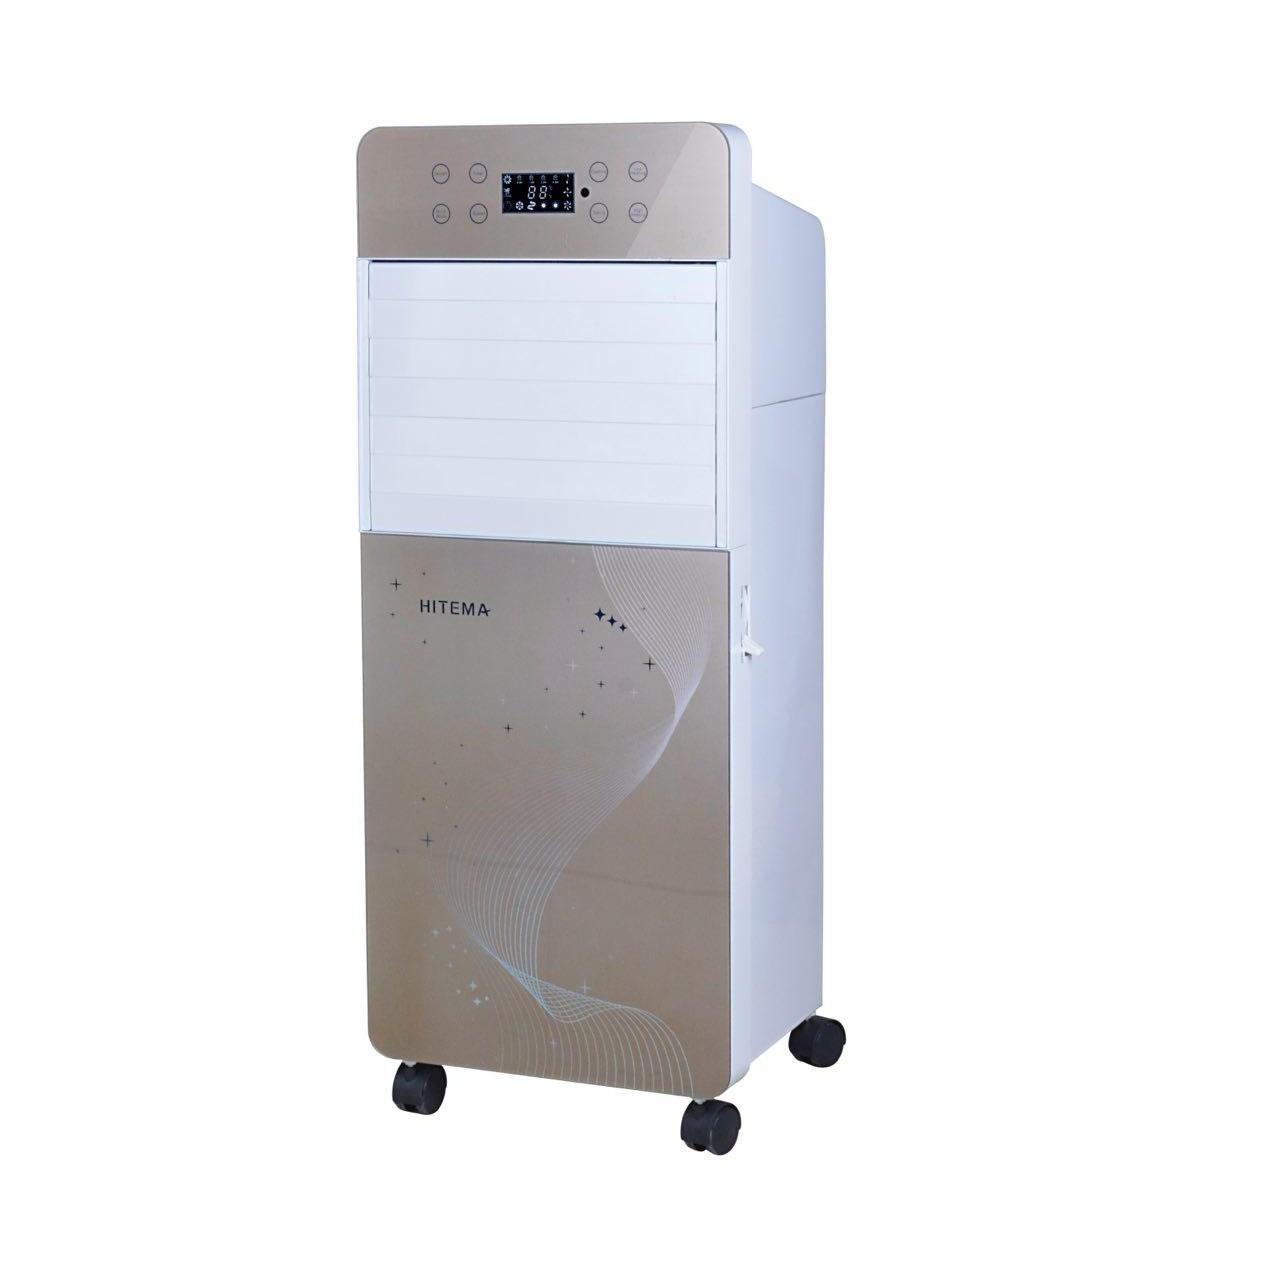 کولر آبی سرمایشی و گرمایشی پرتابل هیتما مدل AHPC37HG